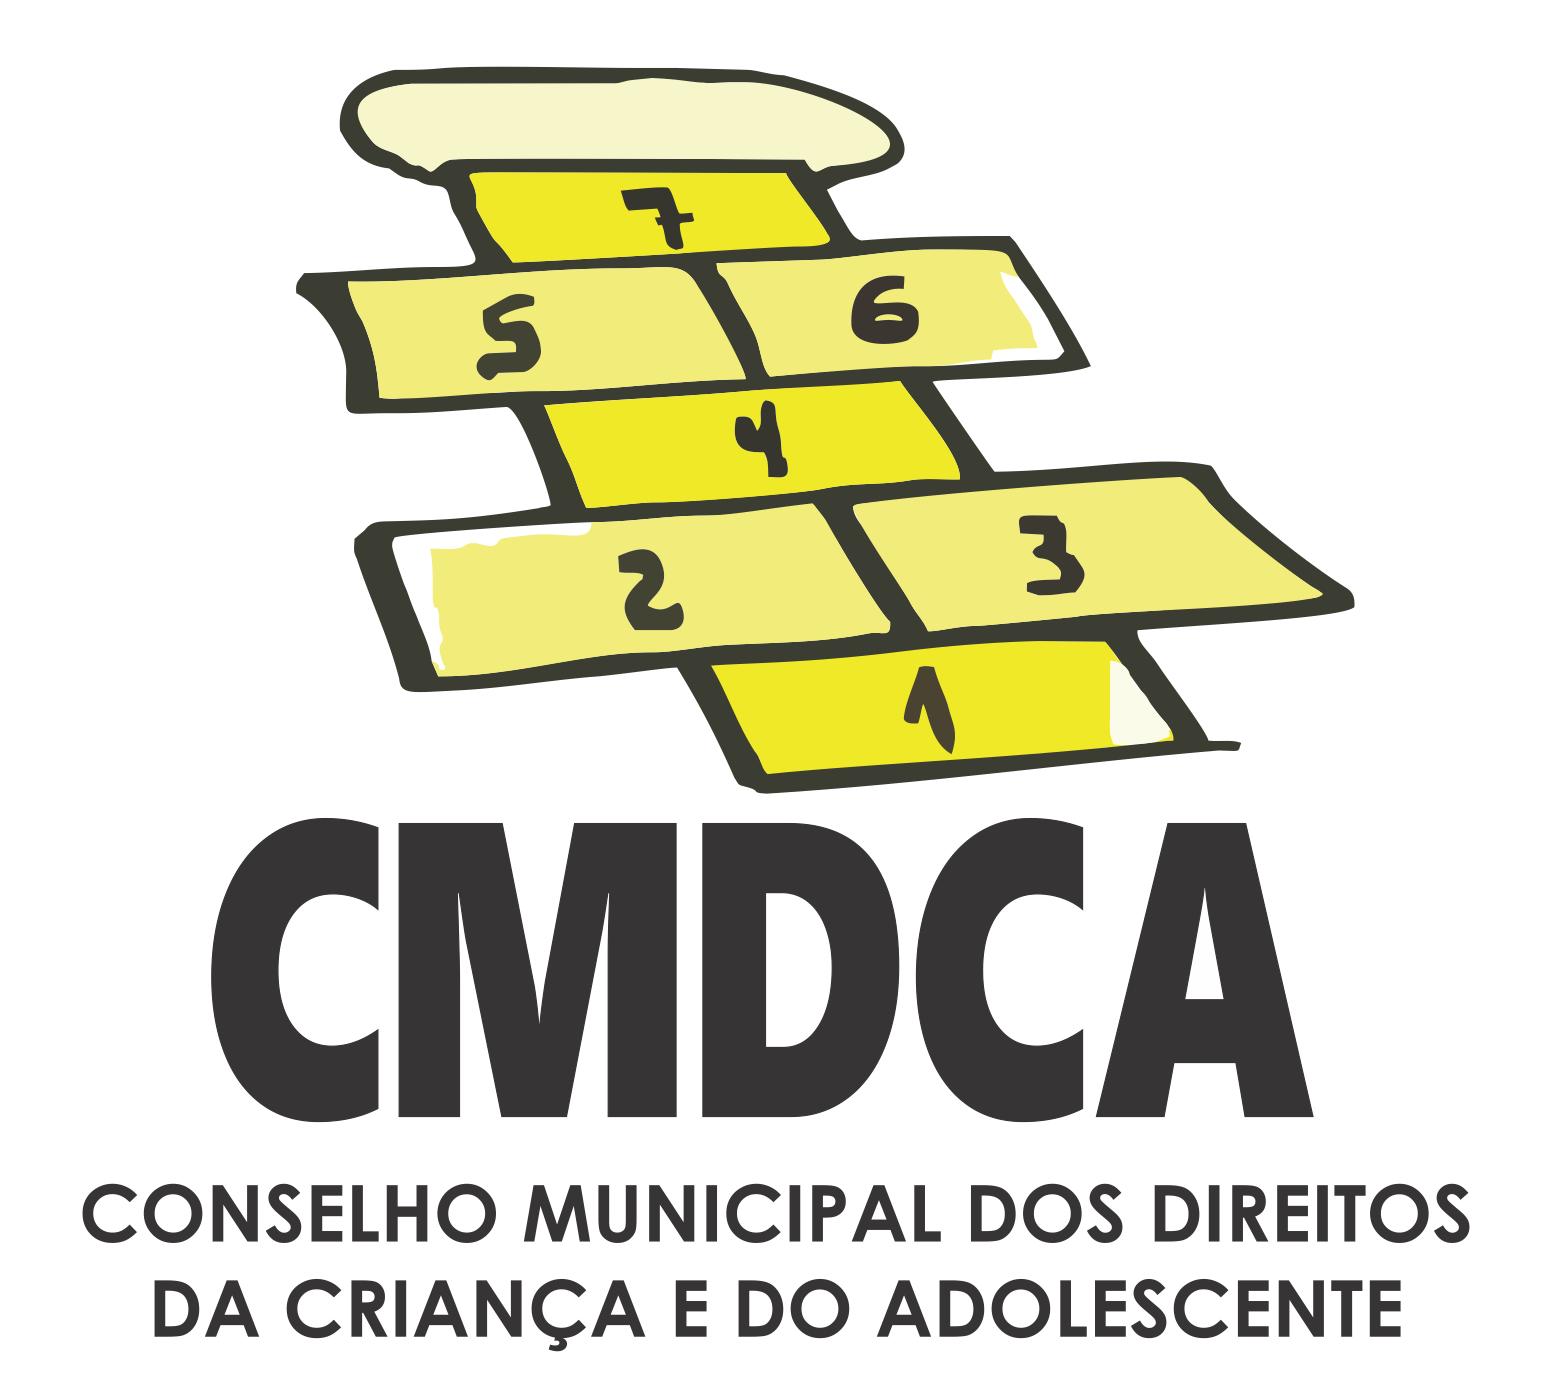 Logo da entidade CONSELHO MUNICIPAL DOS DIREITOS DA CRIANÇA E DO ADOLESCENTE - CMDCA